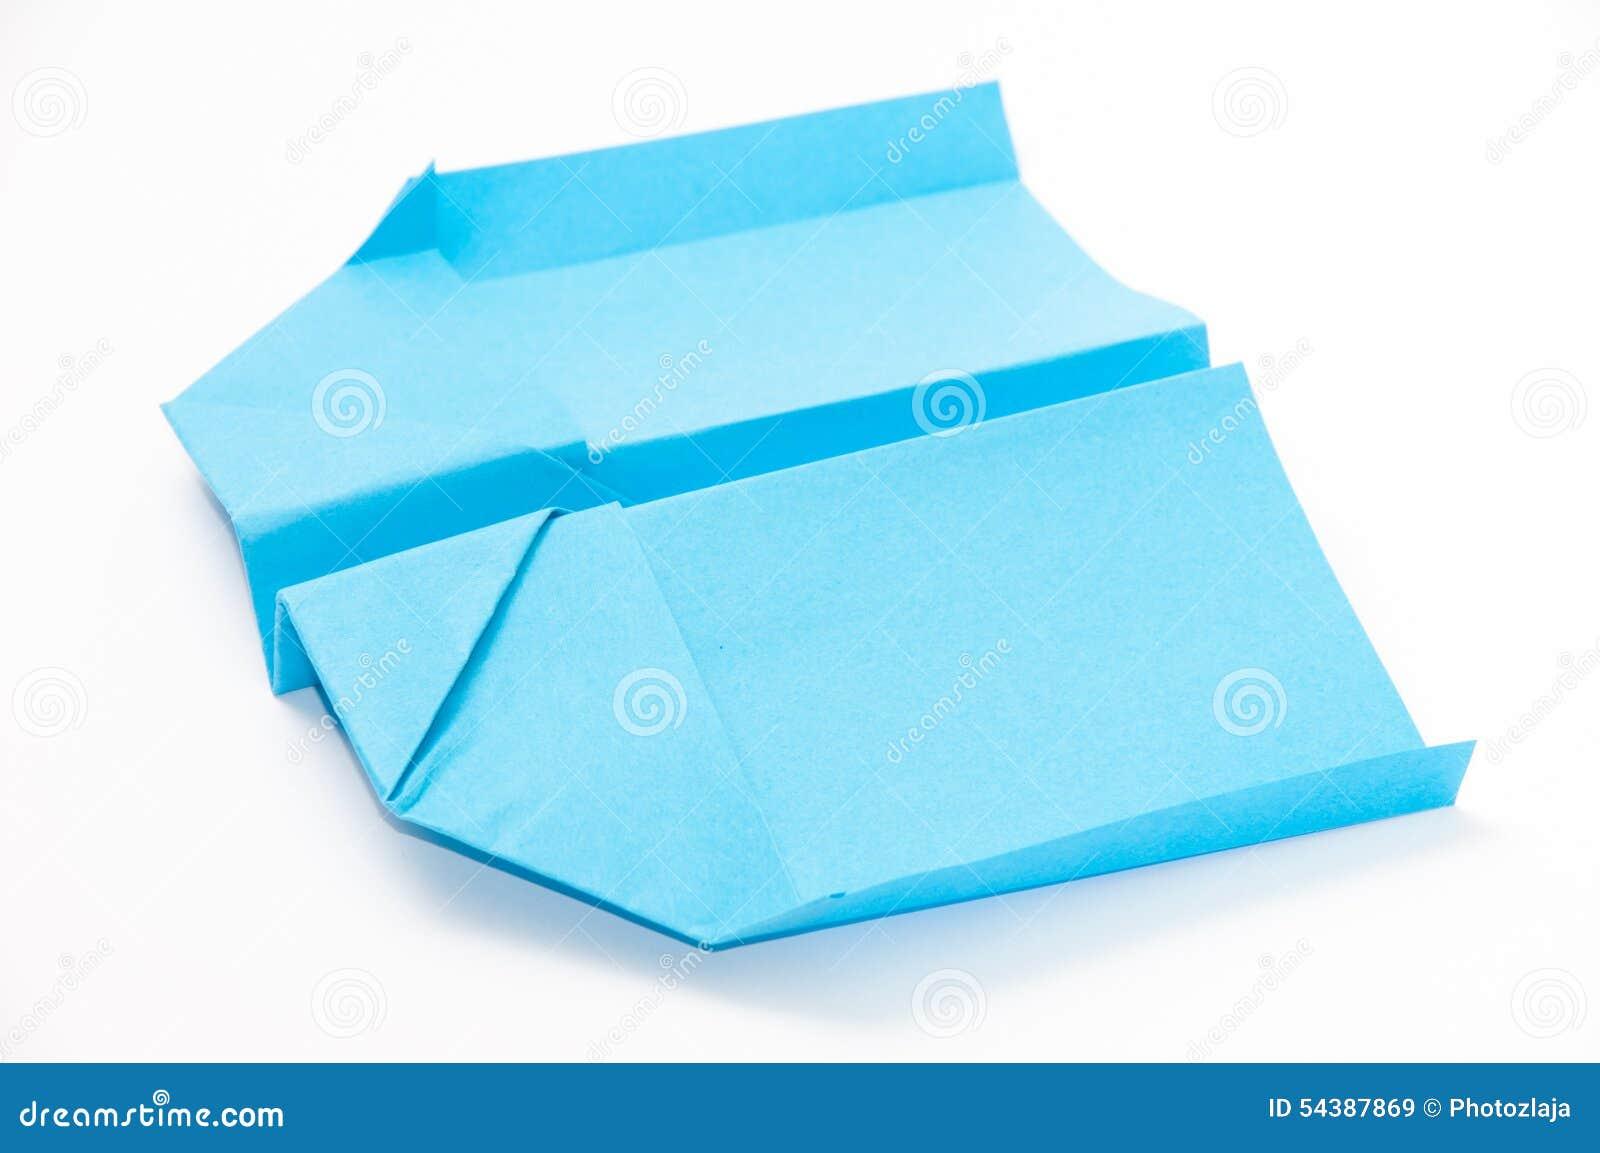 Make a Ninja Star from Square Paper | Ninja star, Paper stars ... | 953x1300